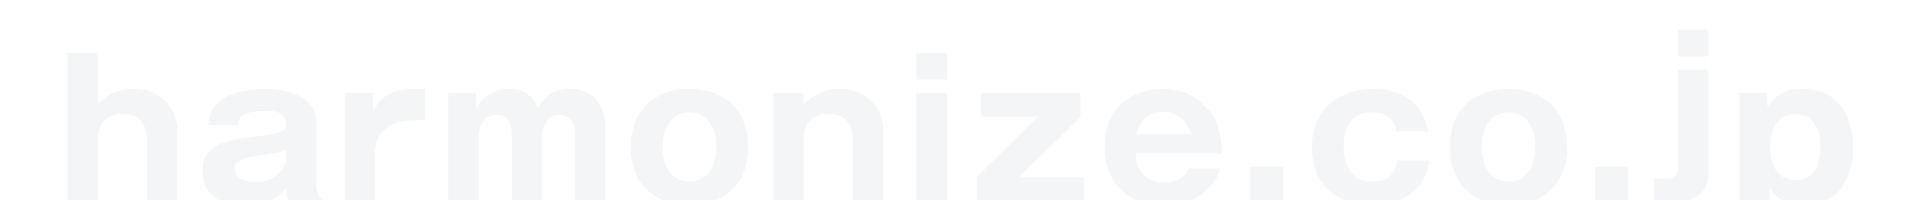 ホームページデザイン | 株式会社ハーモナイズ | 神奈川県厚木市 | トップページへ